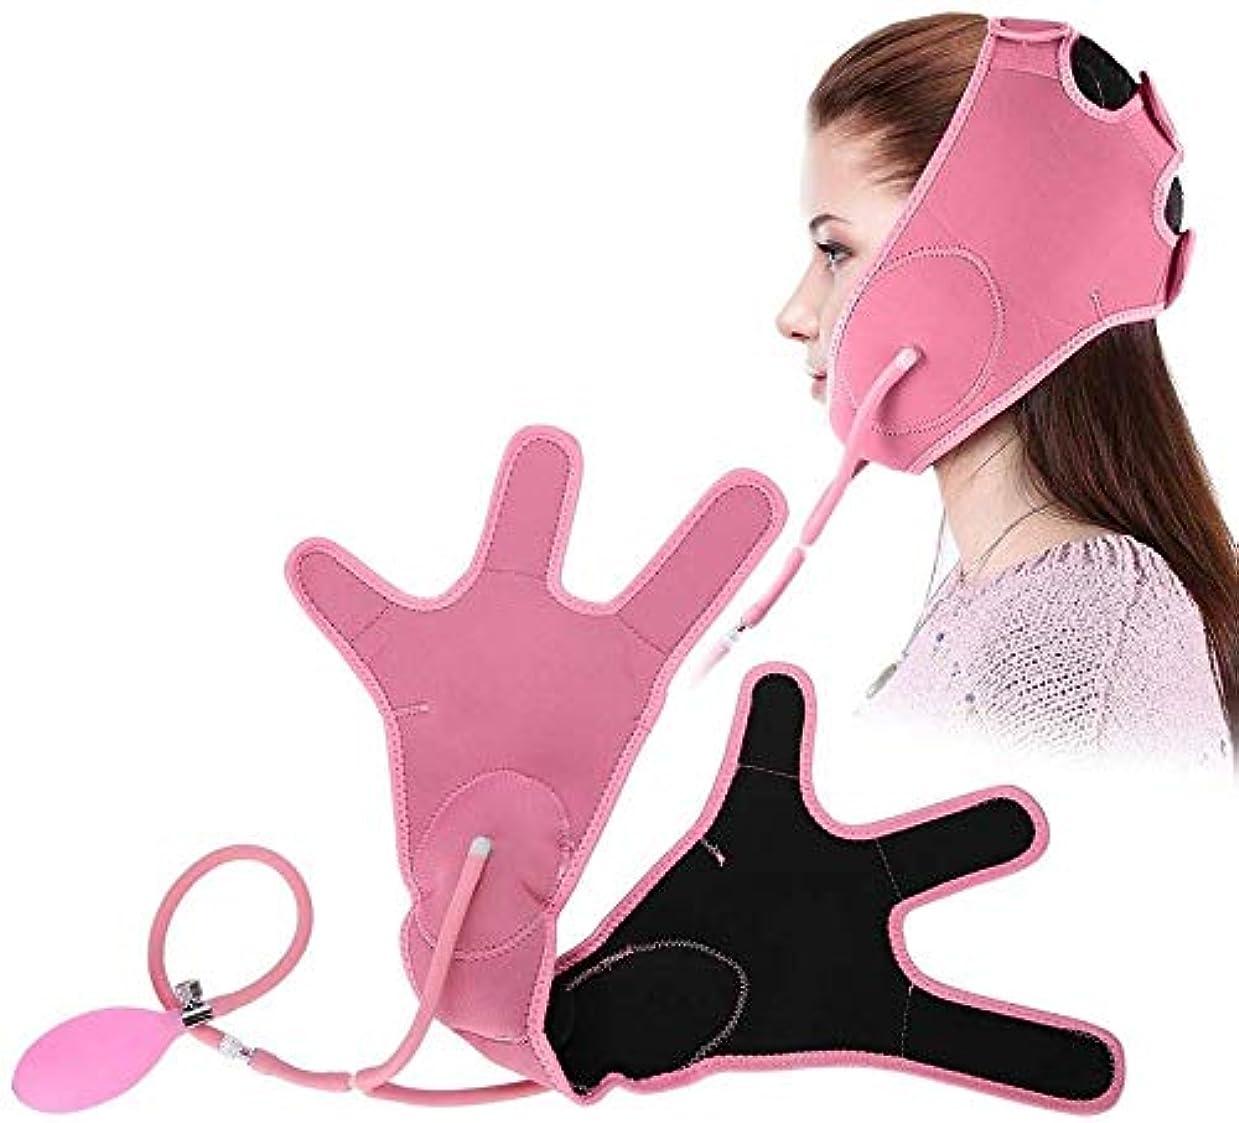 情熱の配列毛皮HEMFV フェイススリミングマスク、ベルトを持ち上げるインフレータブル顔、エアバッグ?フェイシャル包帯ナチュラルVフェイスチークチンは、タイトなバンドを持ち上げ、フェイスリフトシェイパービューティーケアツールマスク